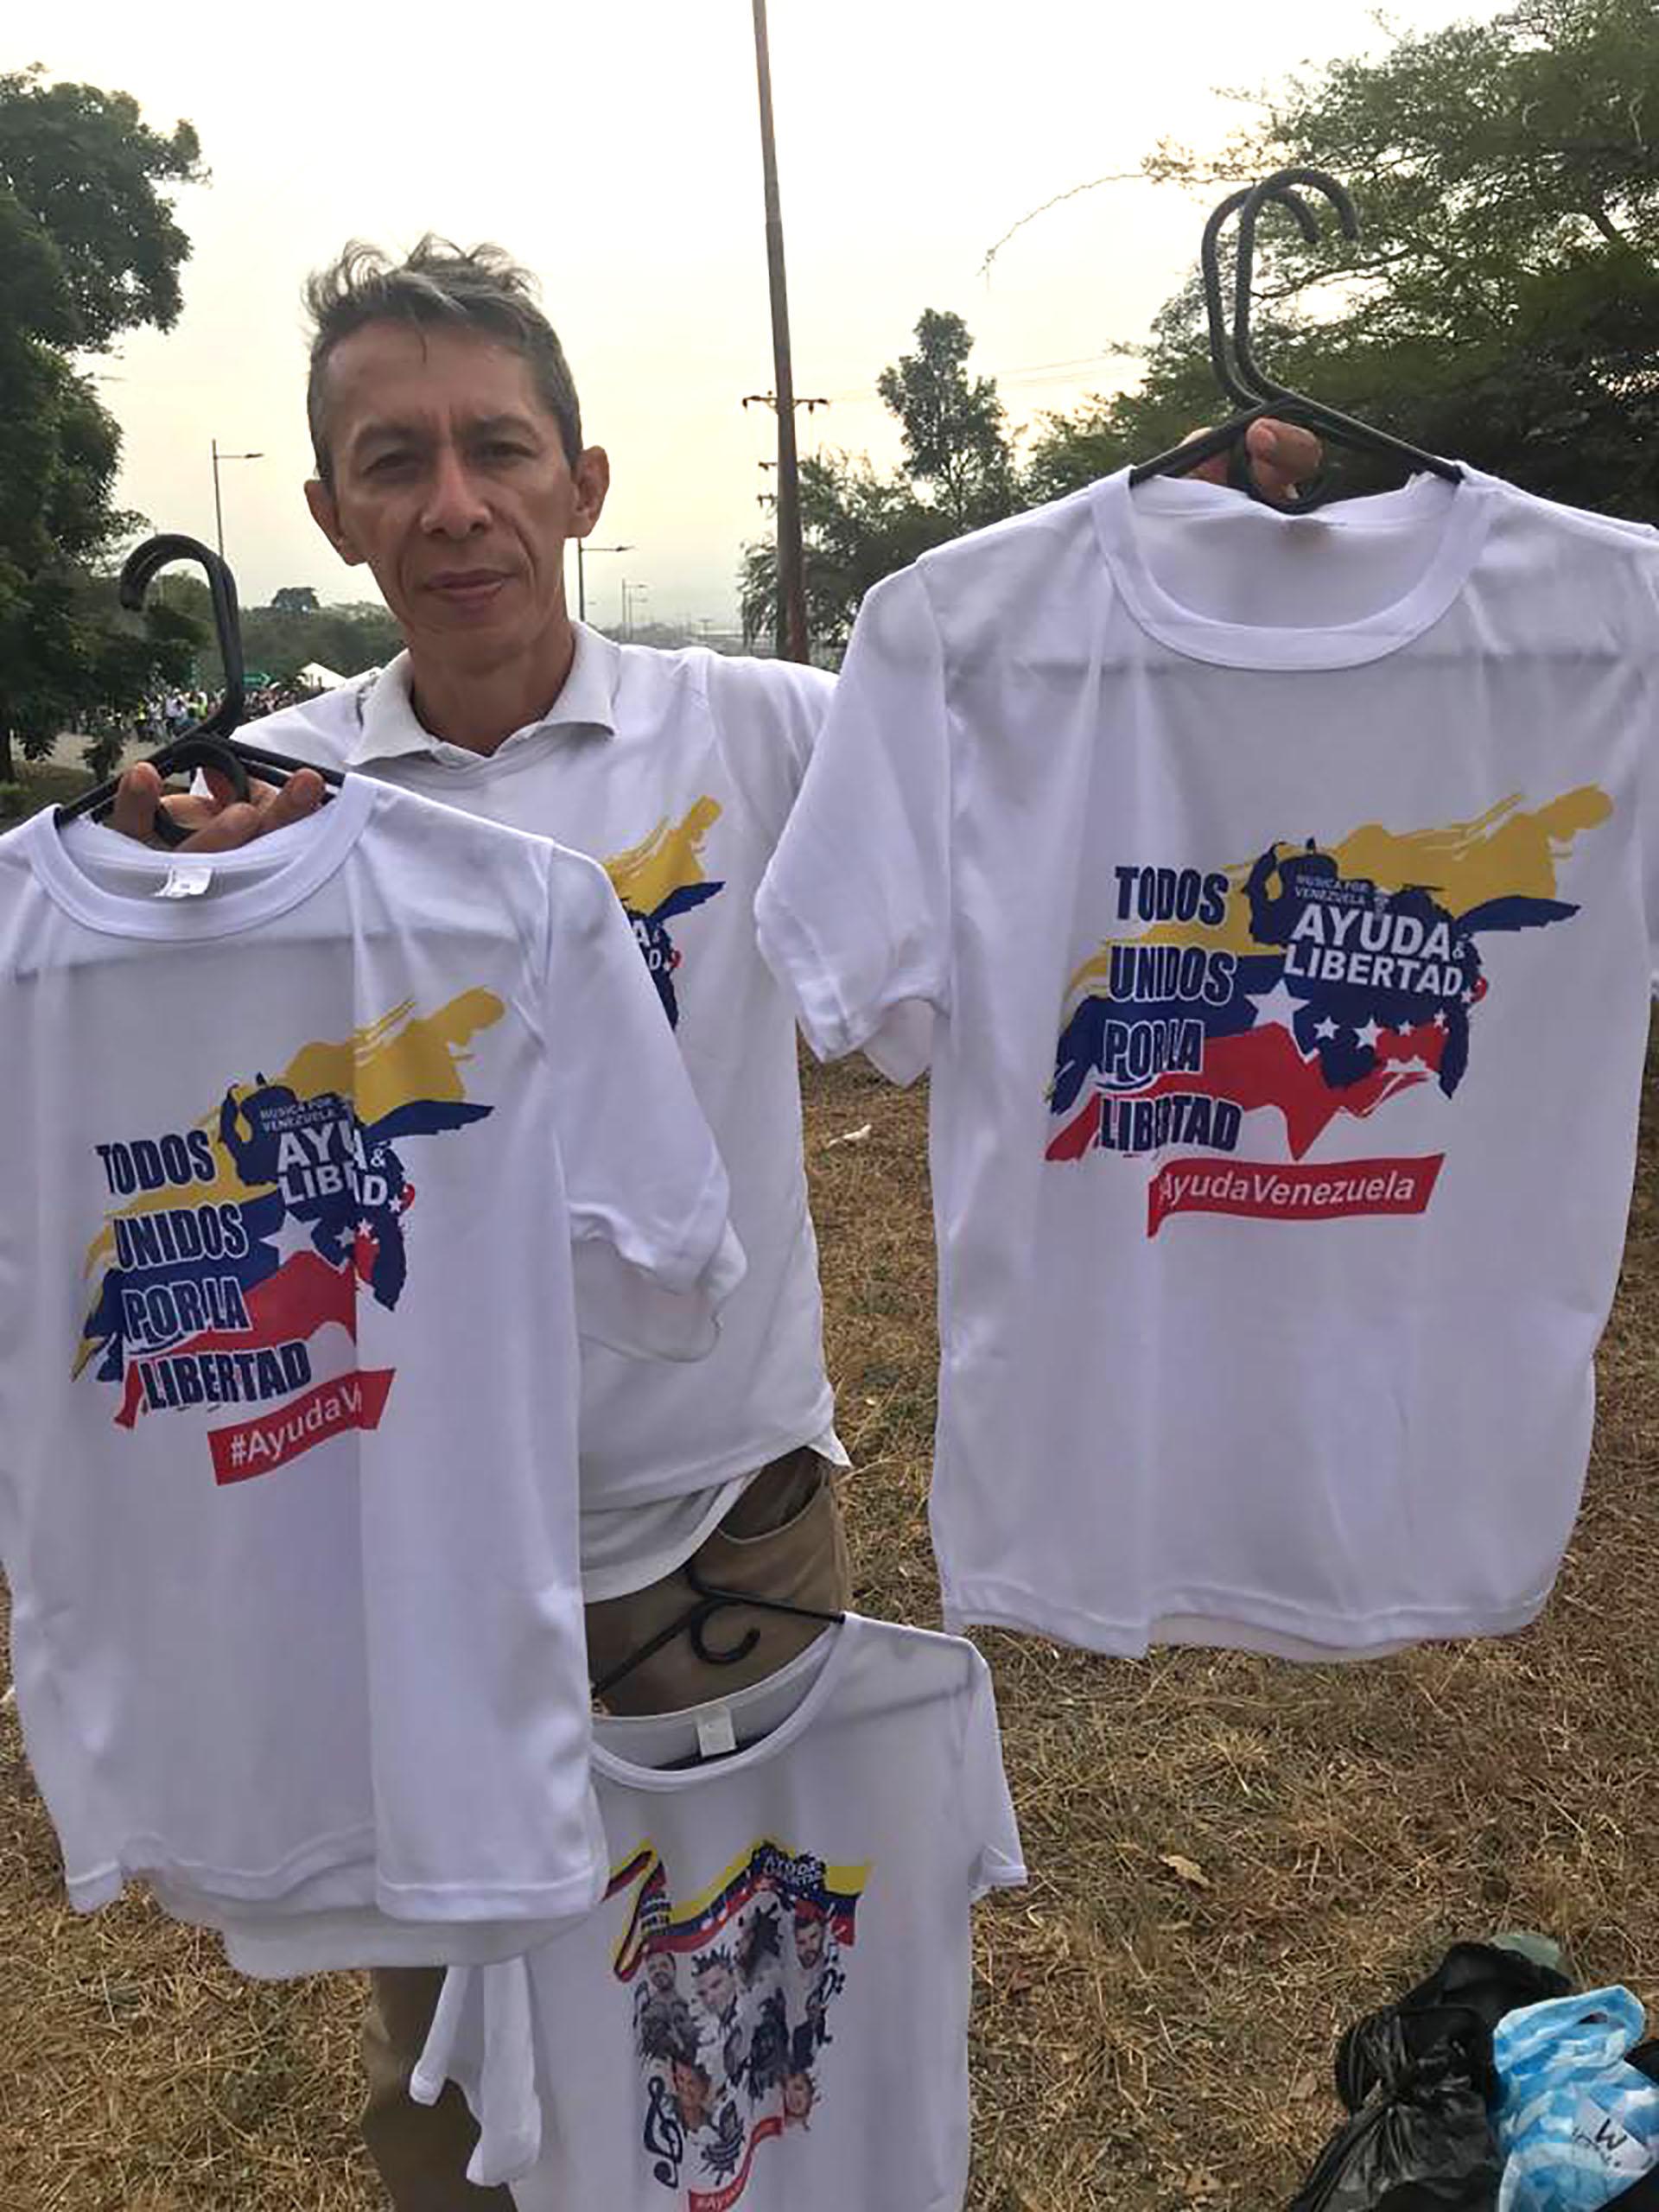 Un vendedor decamisetas en las inmediaciones del concierto Venezuela Aid Live organizado por el multimillonario Richard Branson en Cúcuta, Colombia.